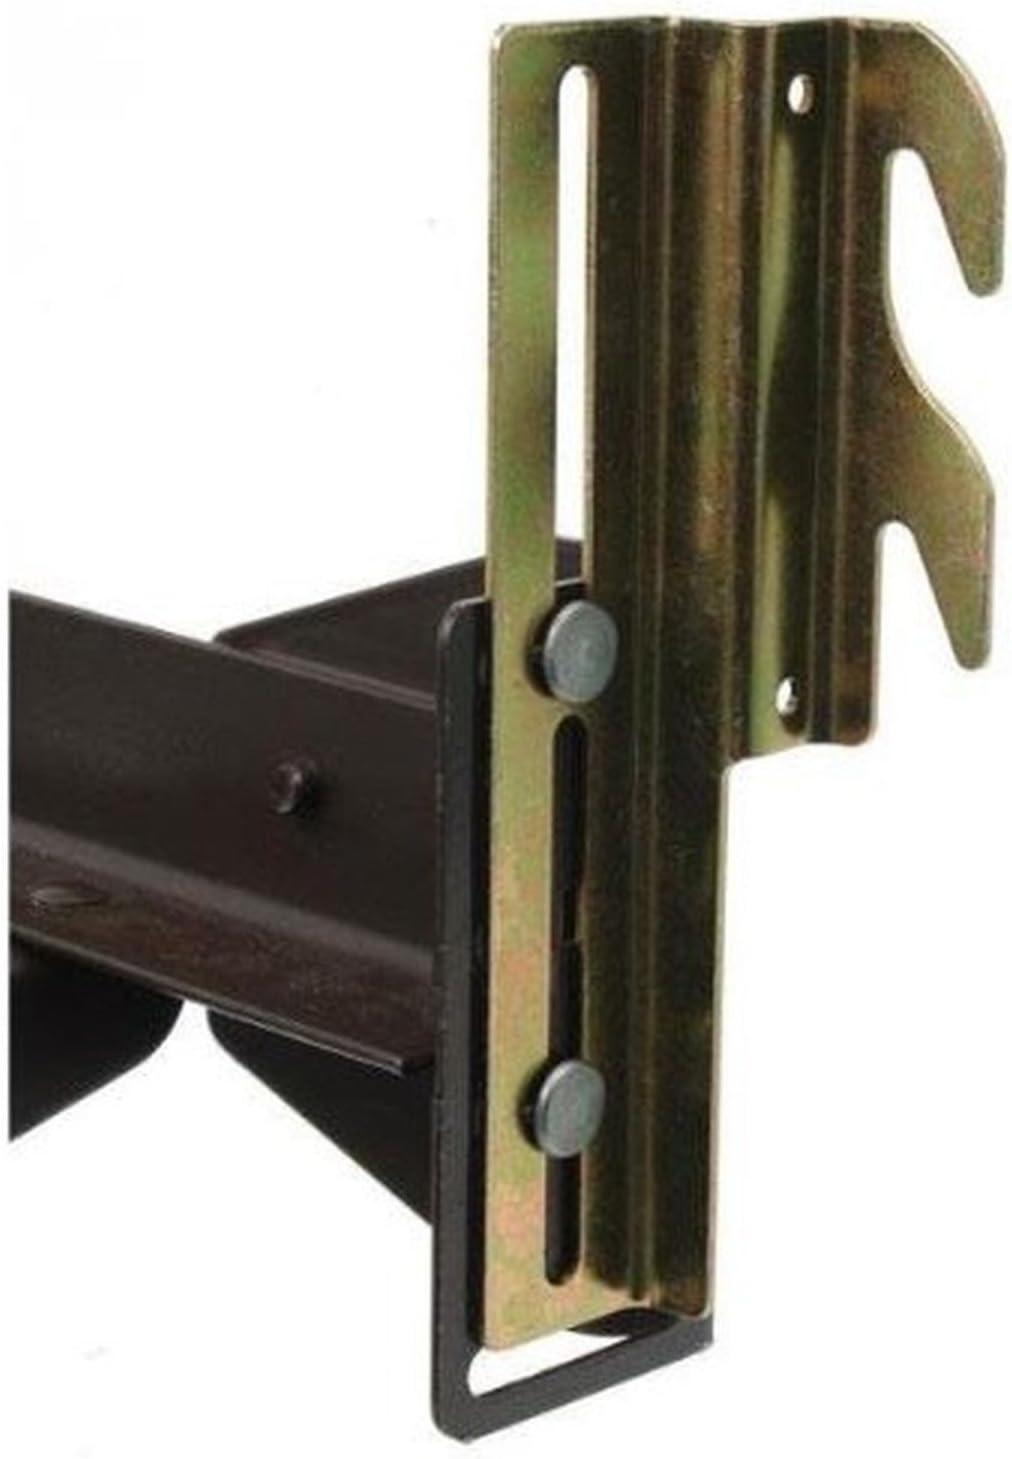 #711 Bolt-auf zu Hook-auf Bett Frame Conversion Brackets mit Hardware Hook Plate